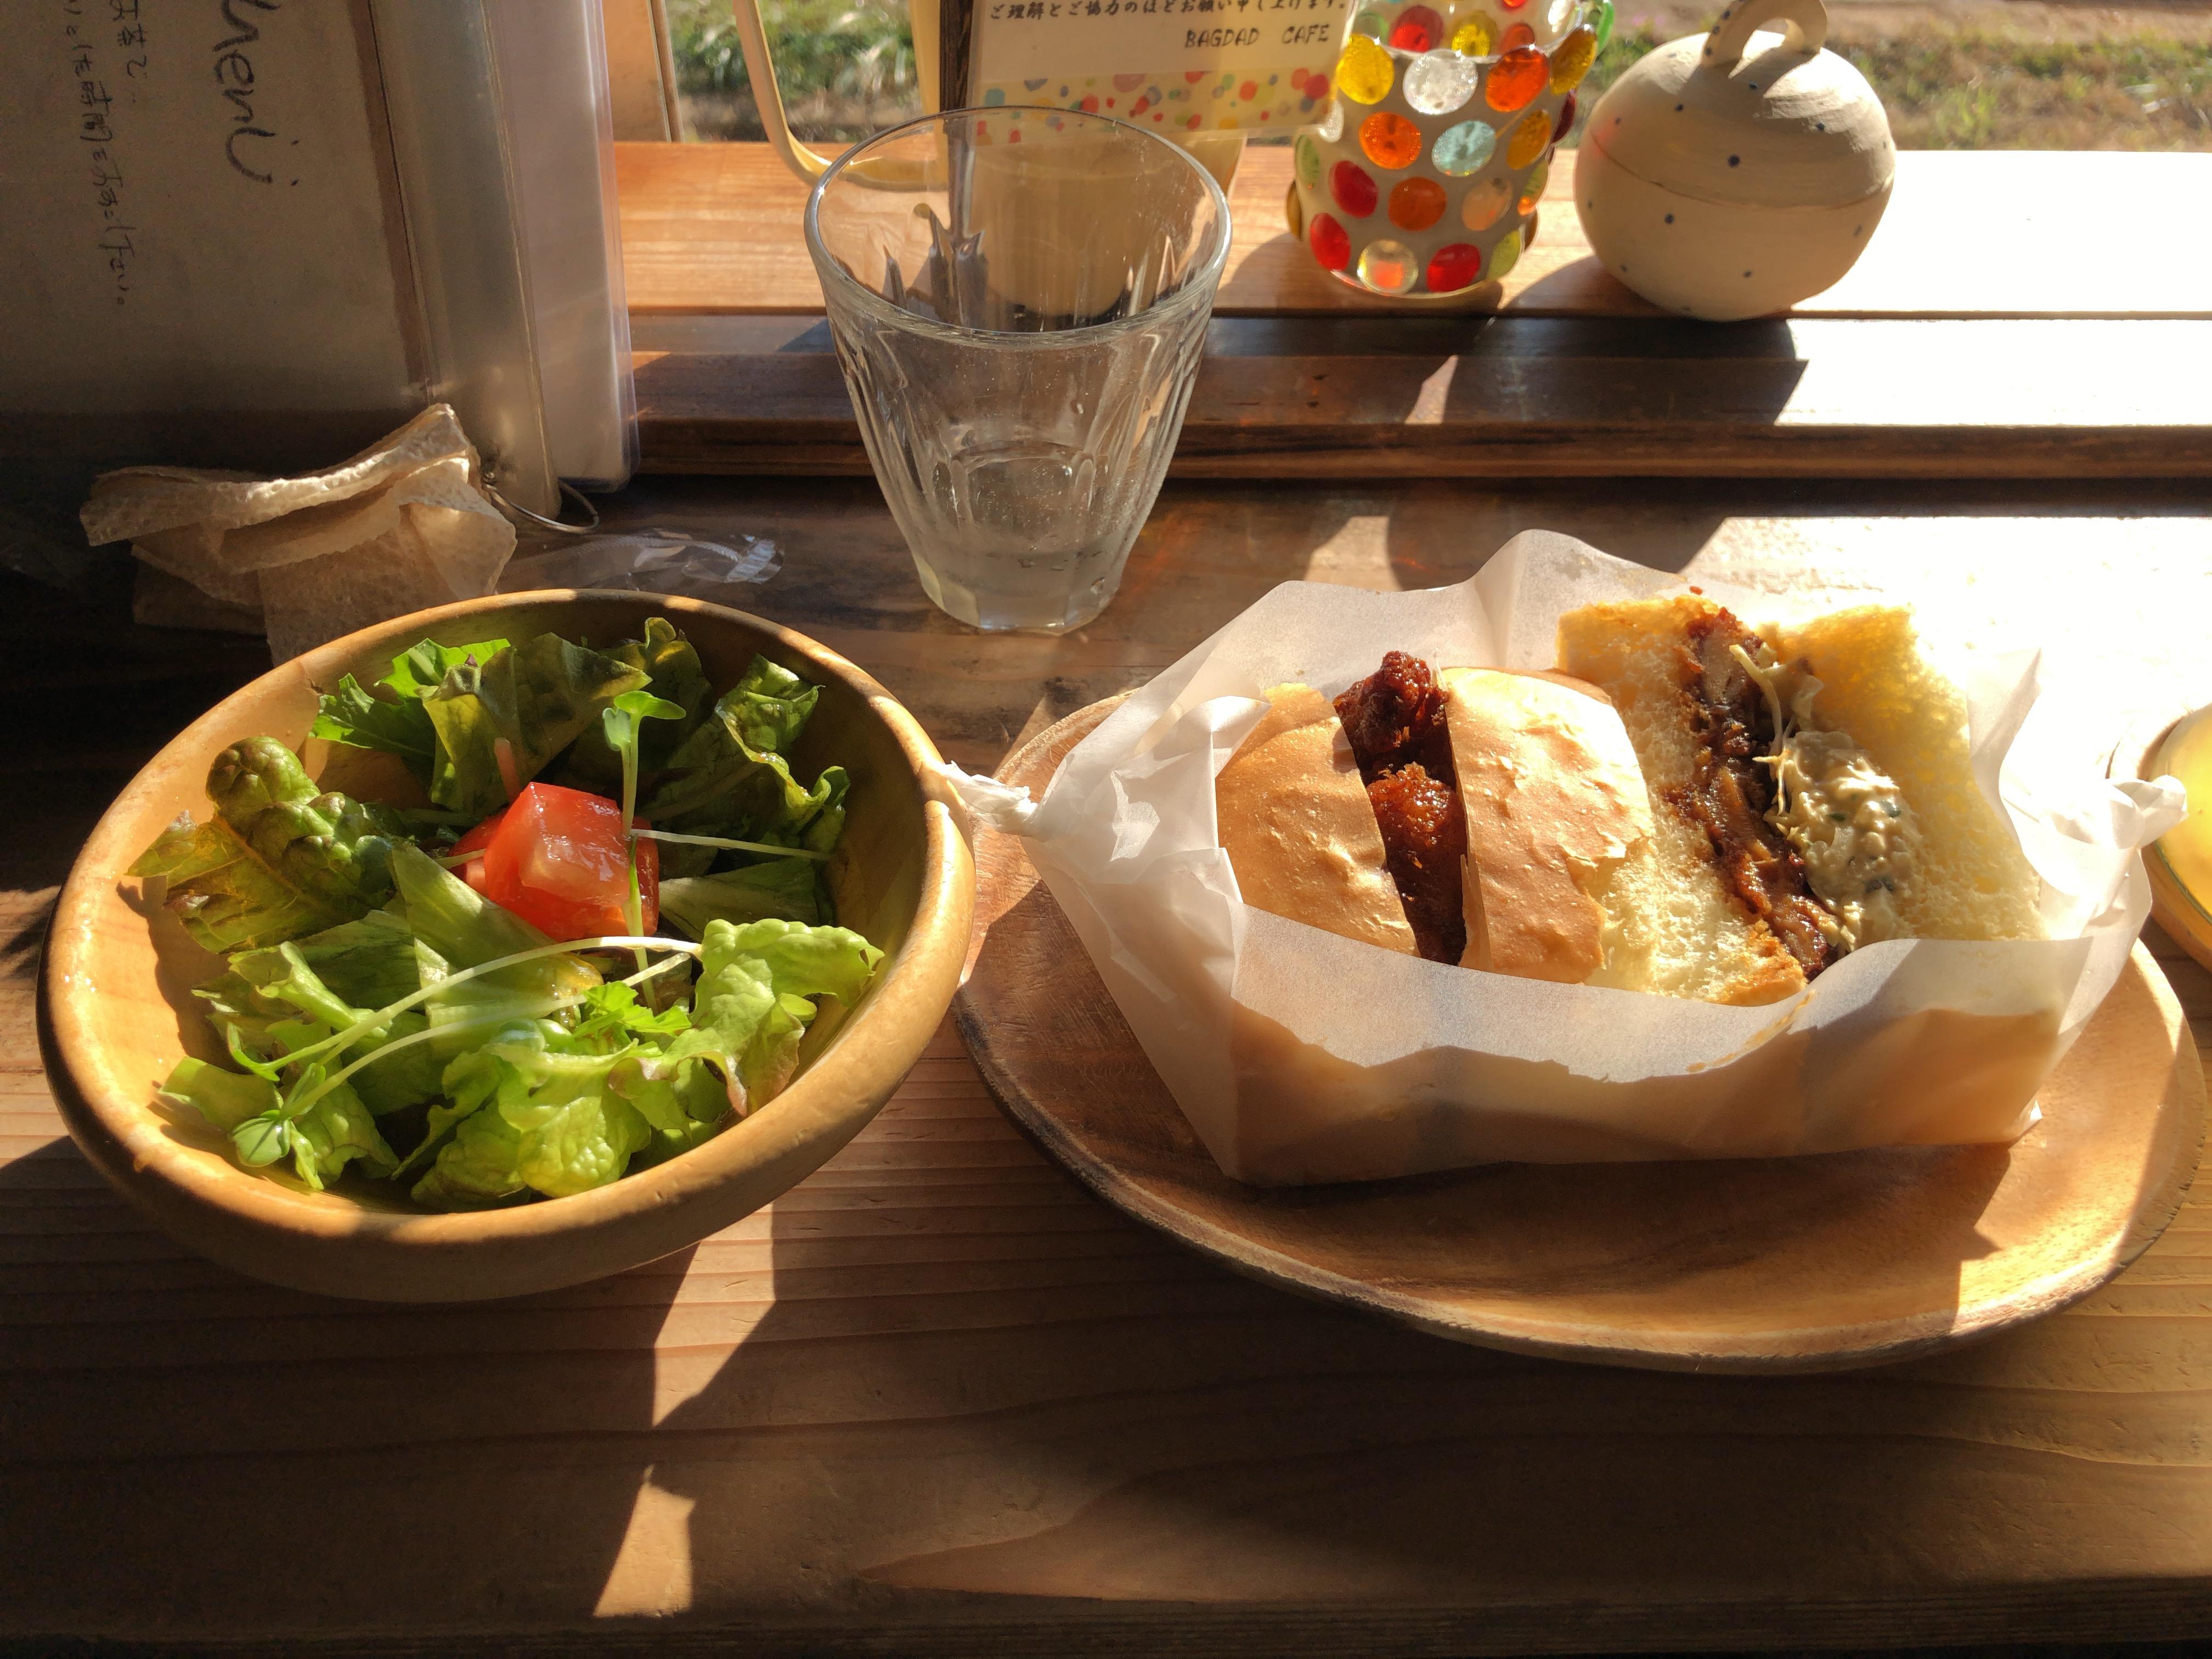 古民家オシャレかふぇ「バグダッドカフェ」のチキン南蛮サンド食べた